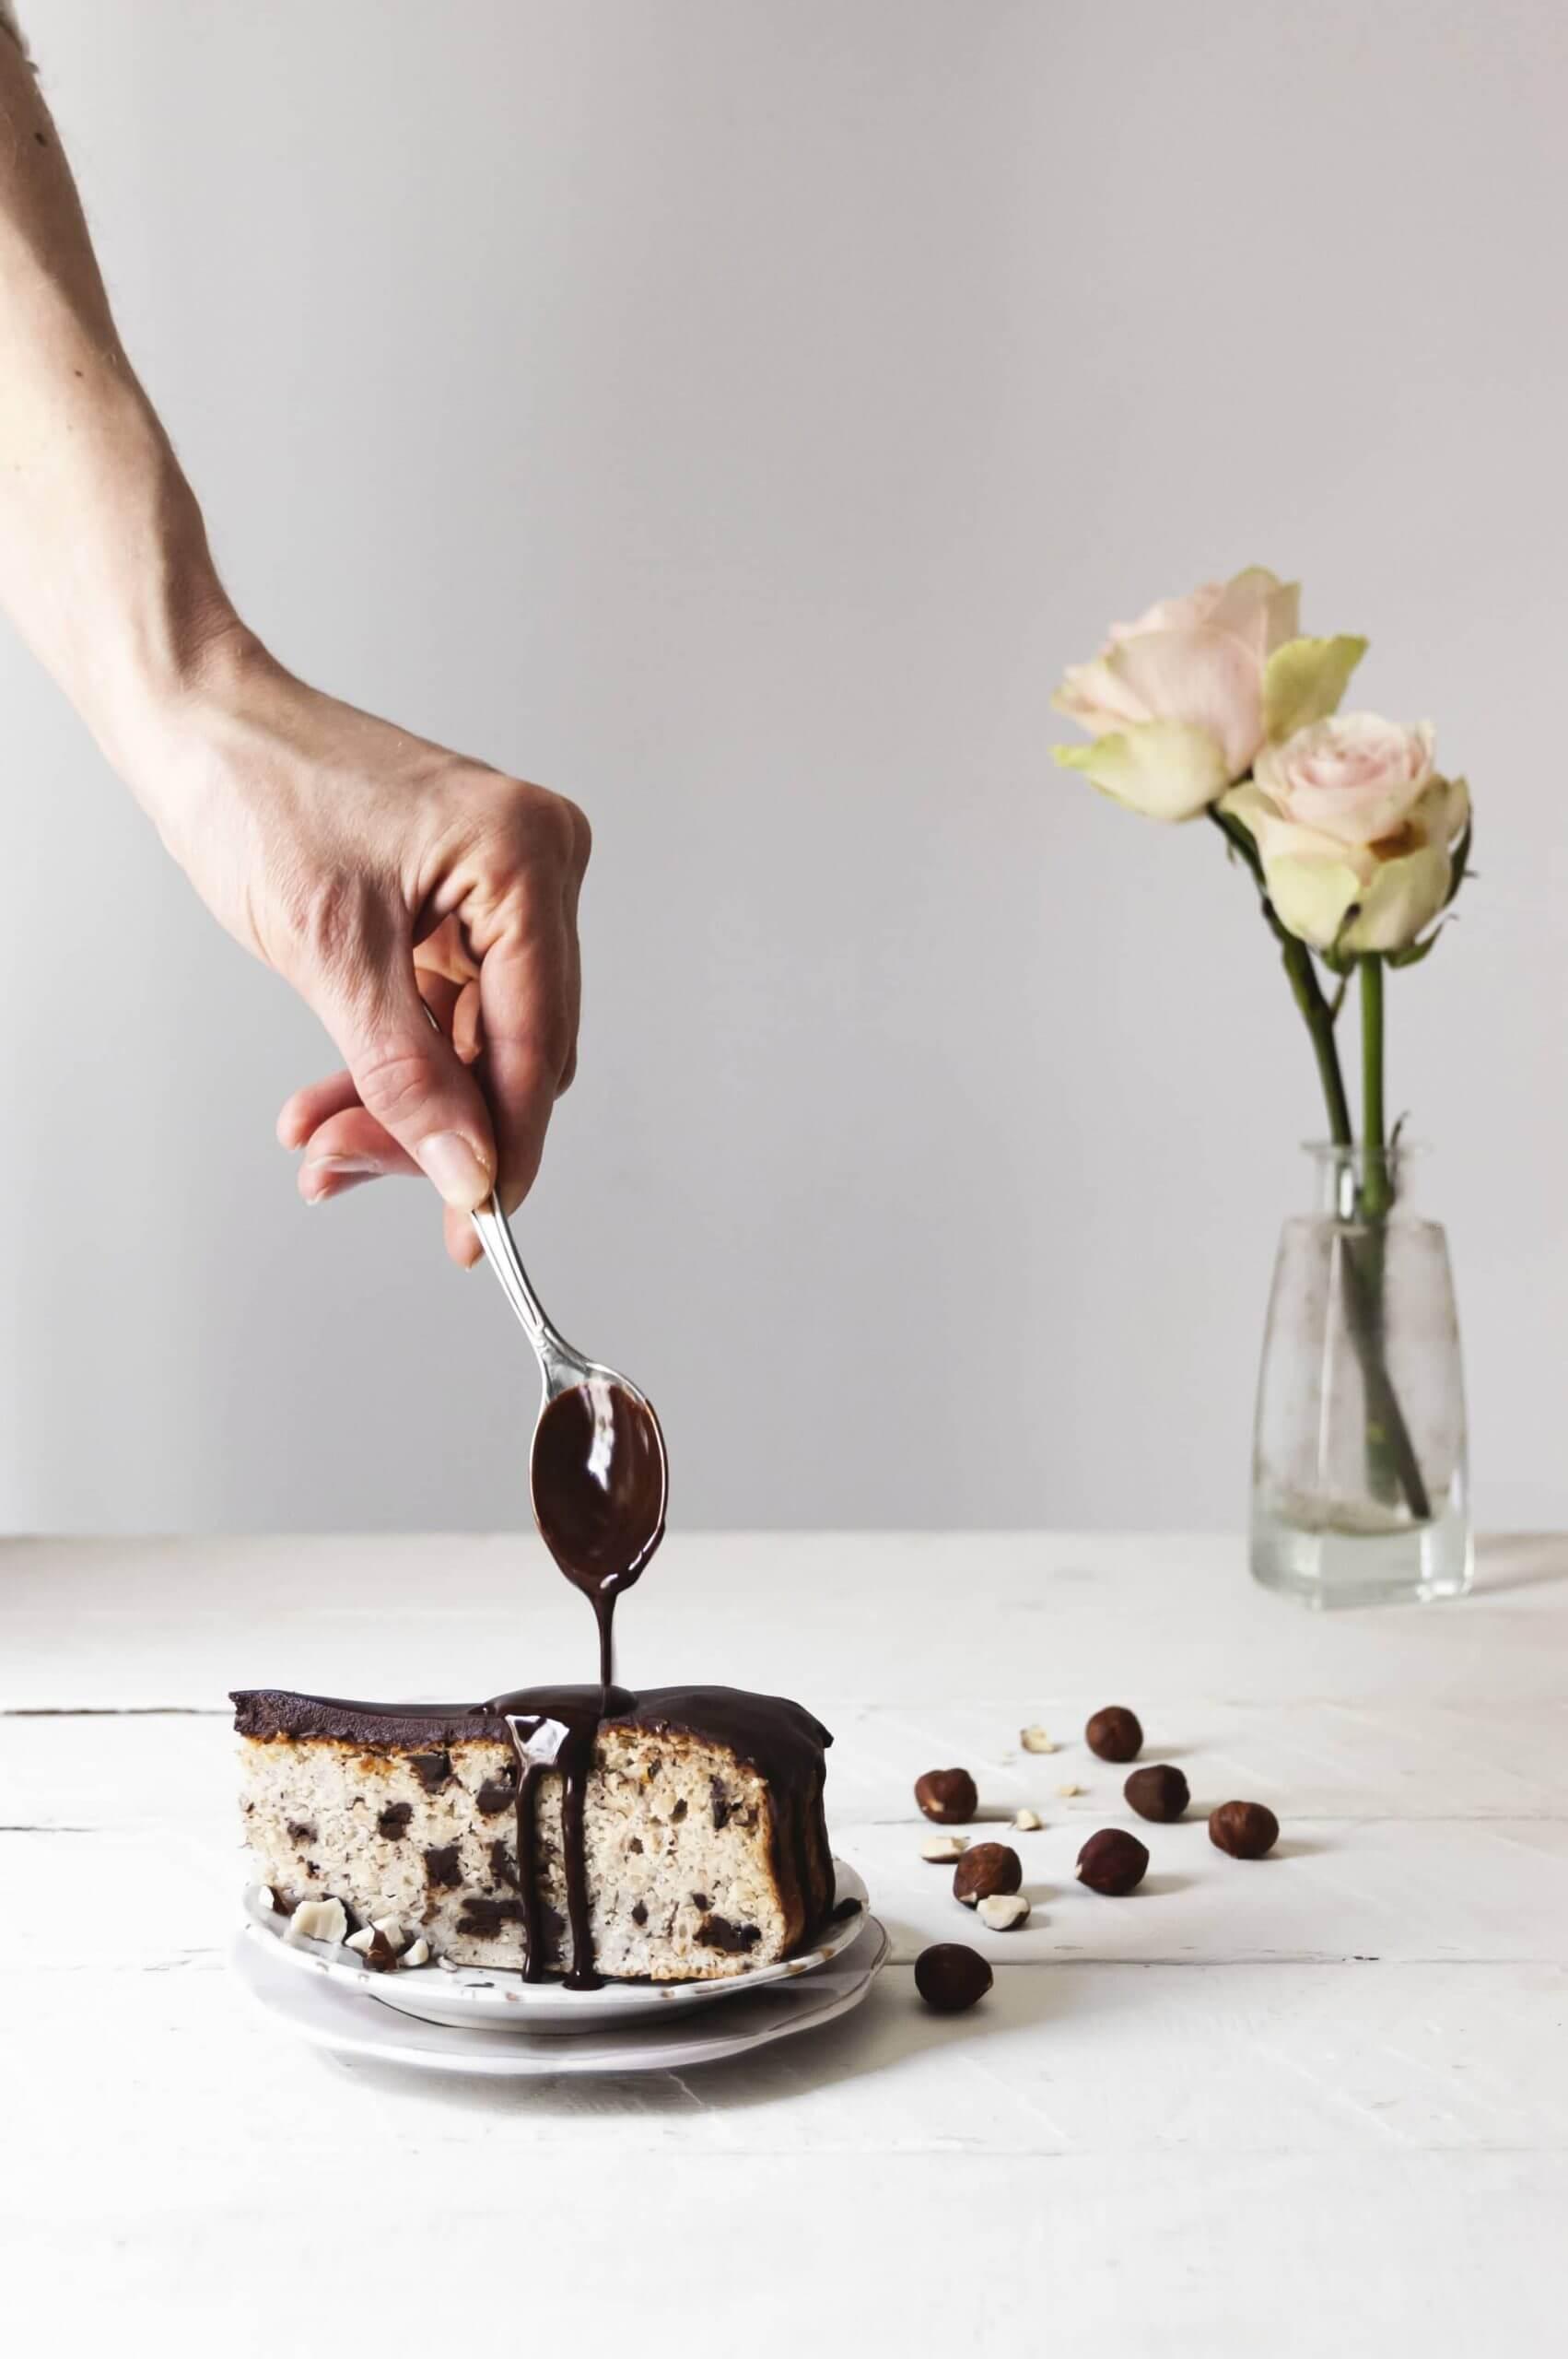 como hacer ganache de chocolate con agua